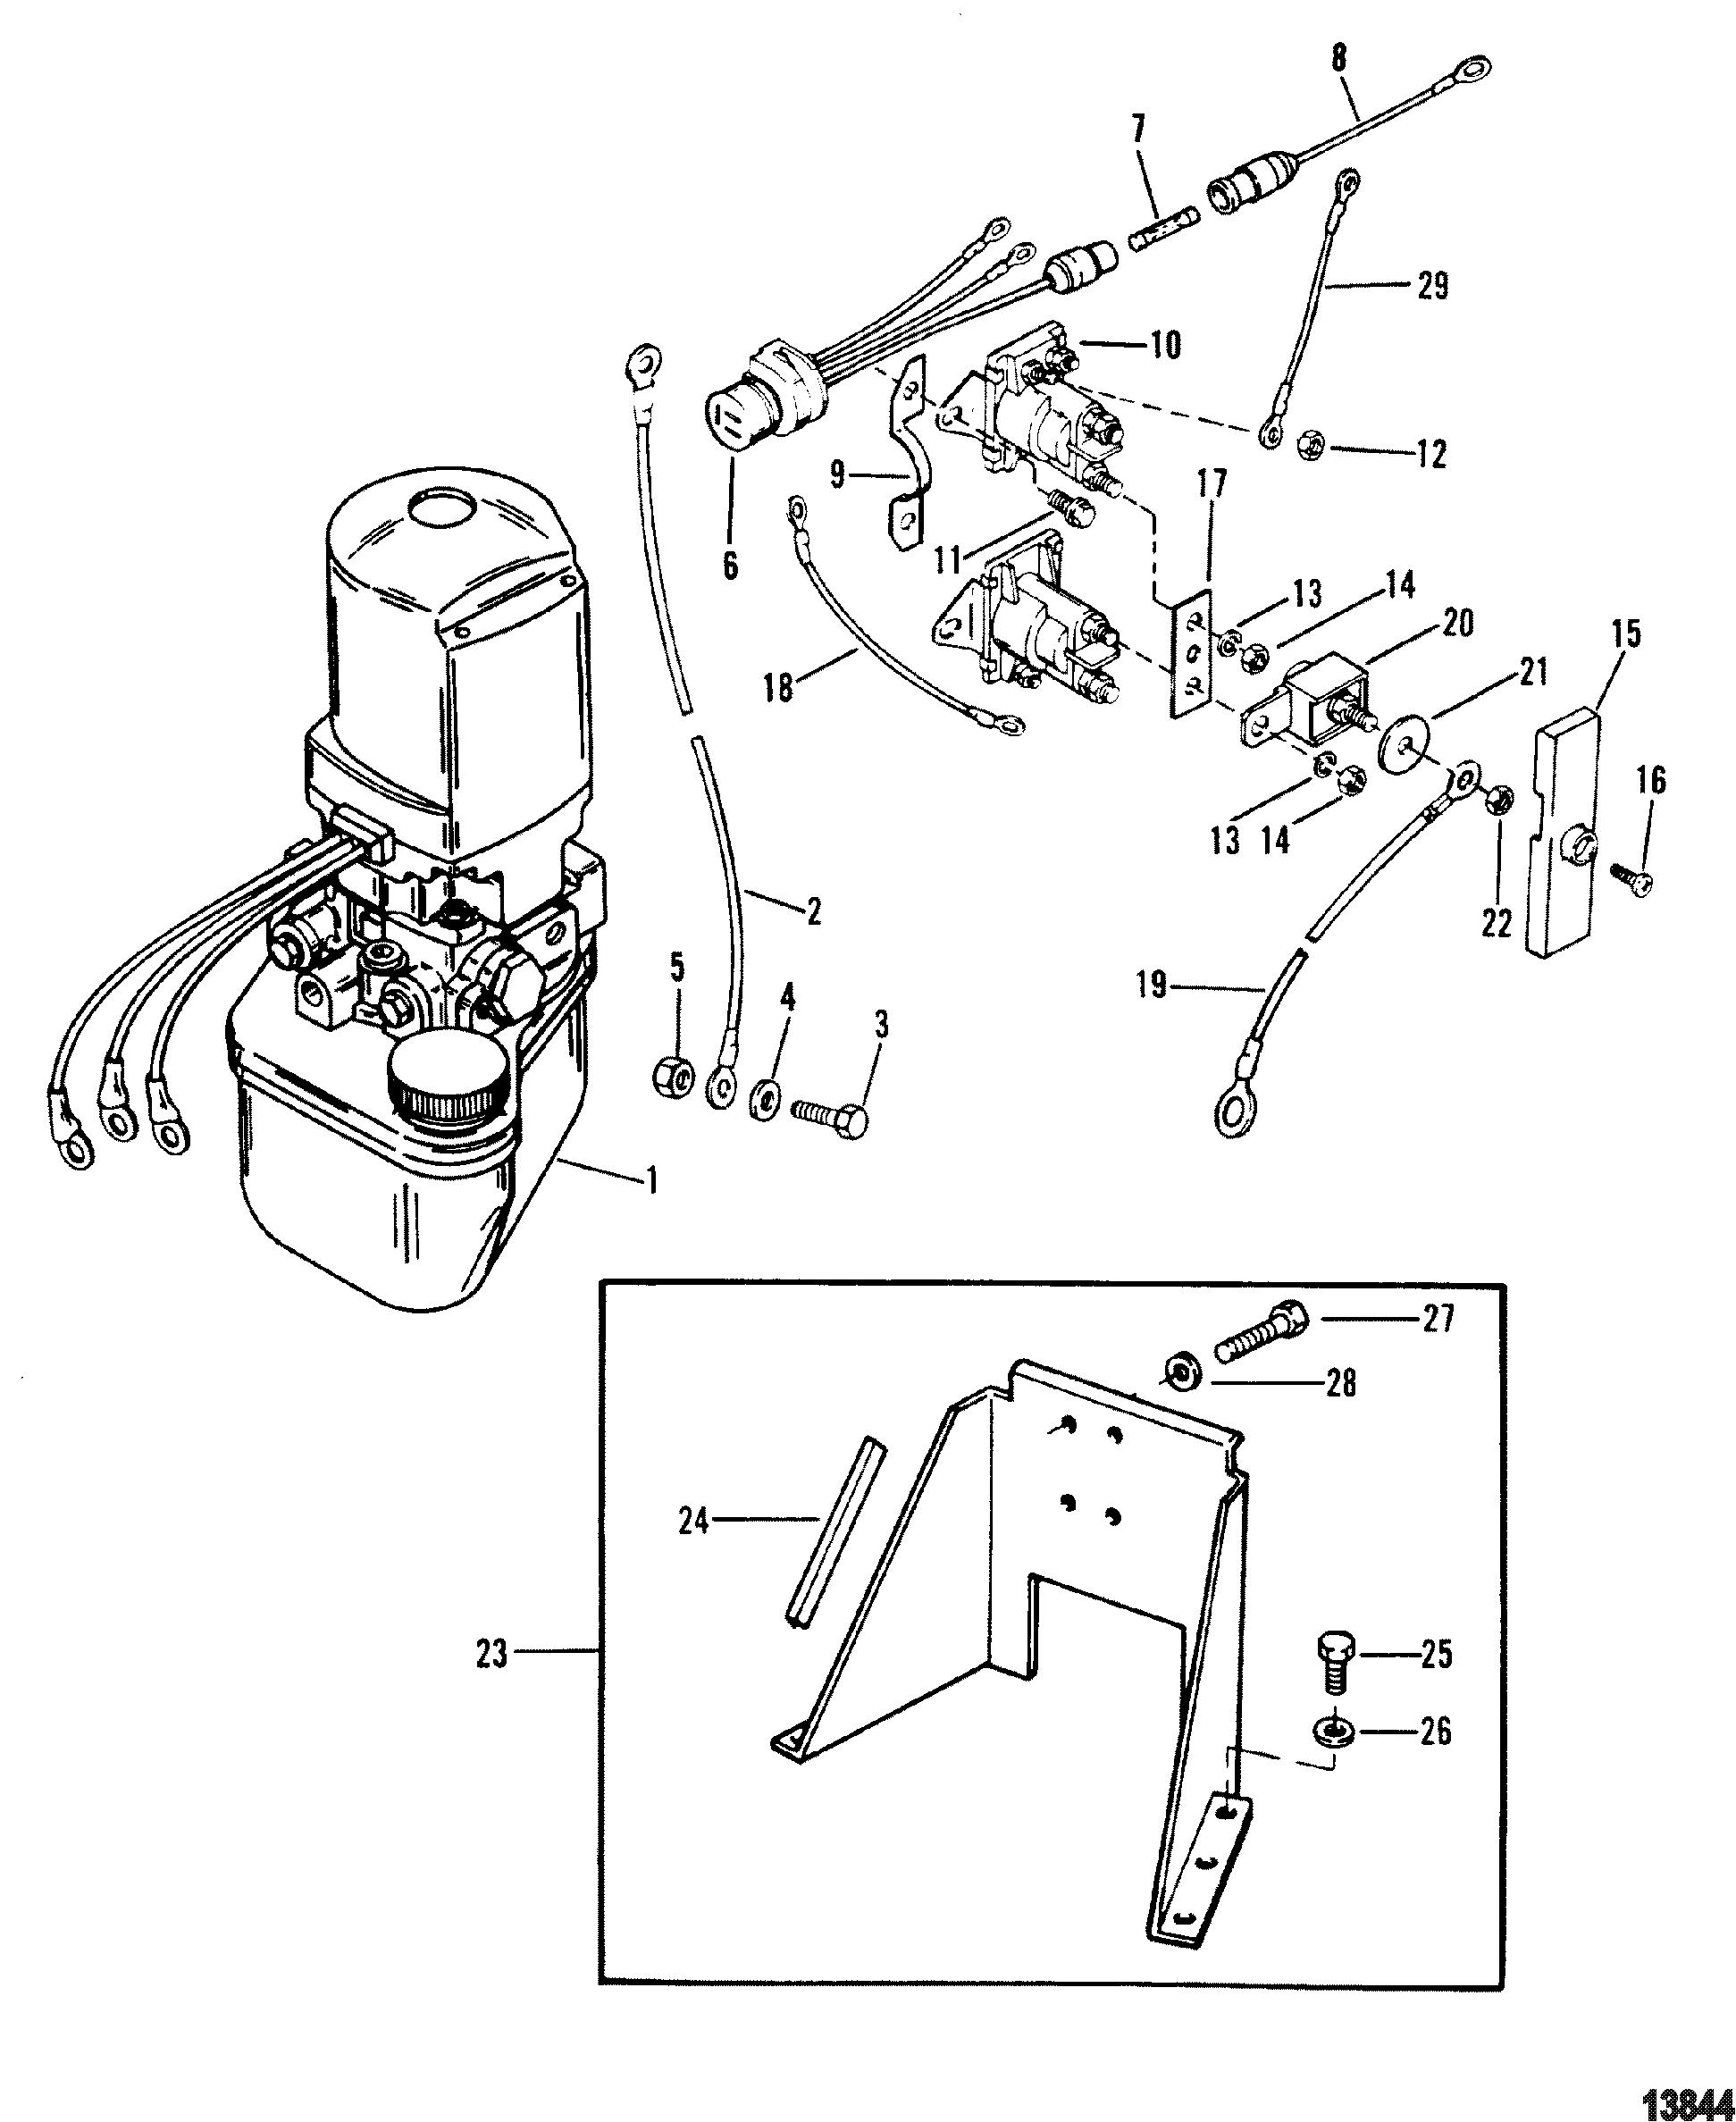 on 1973 mercruiser trim gauge wiring diagram